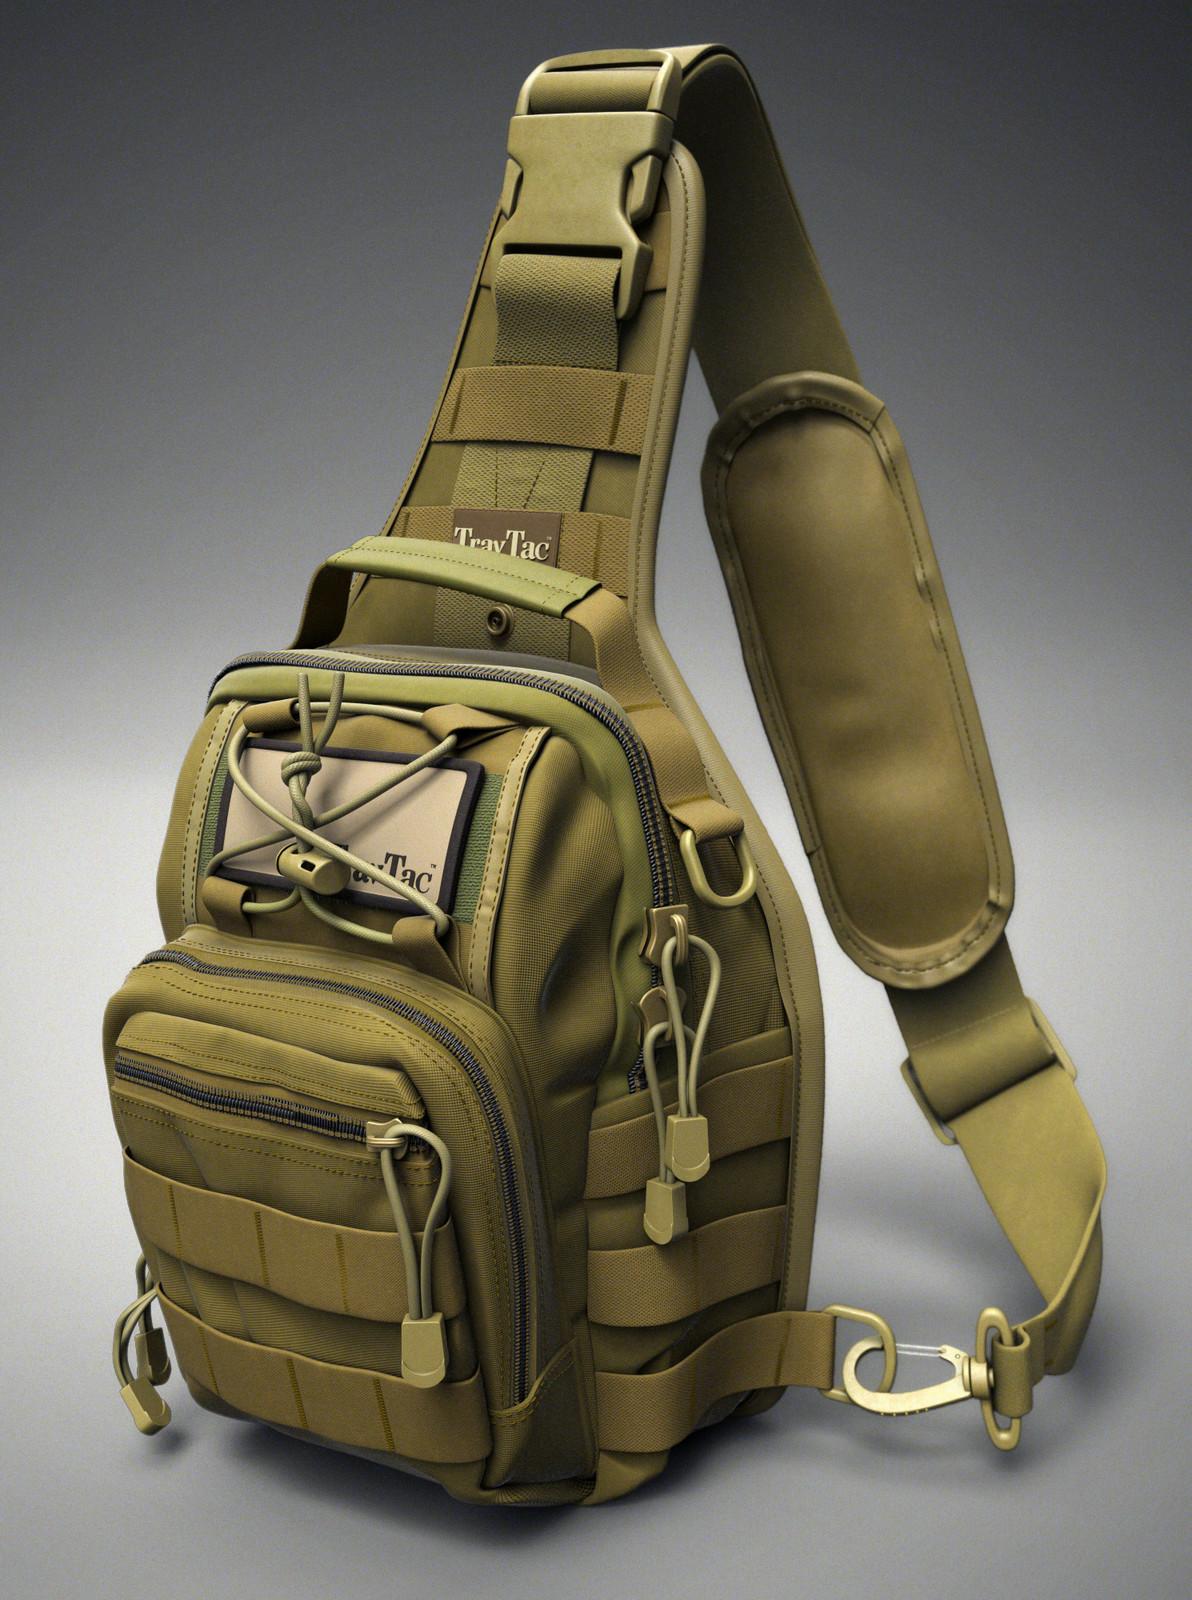 TravTac Backpack